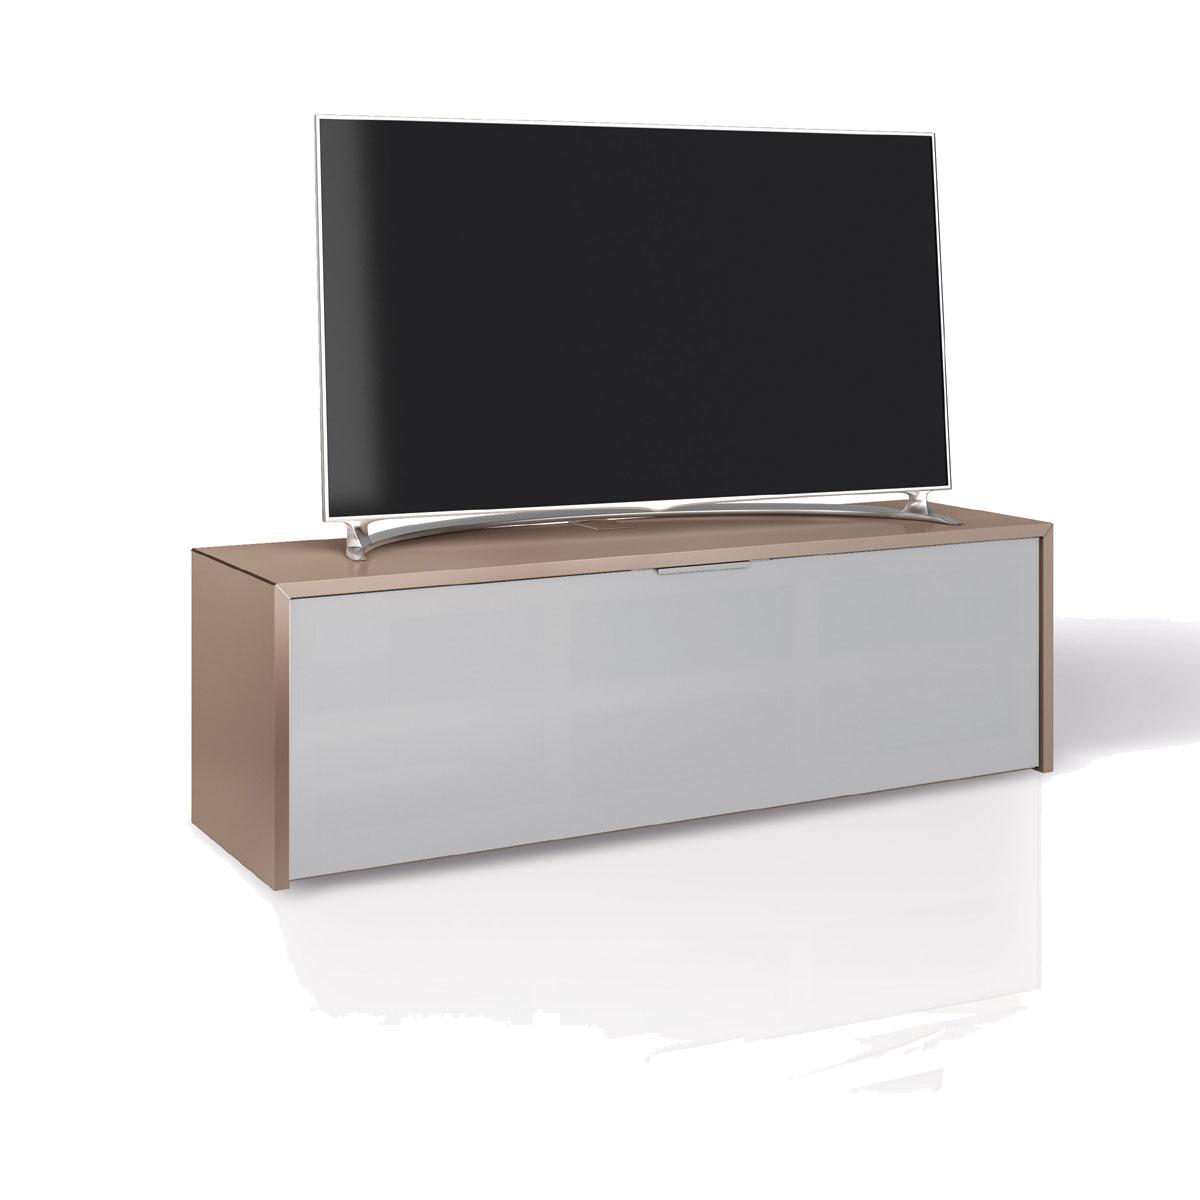 Geschlossenes TV Lowboard  mit stoffbespannter Klappe. Verdecktes Kabelmanagement. Für Soundbar und Audiogeräte. MK Sound von Schnepel.